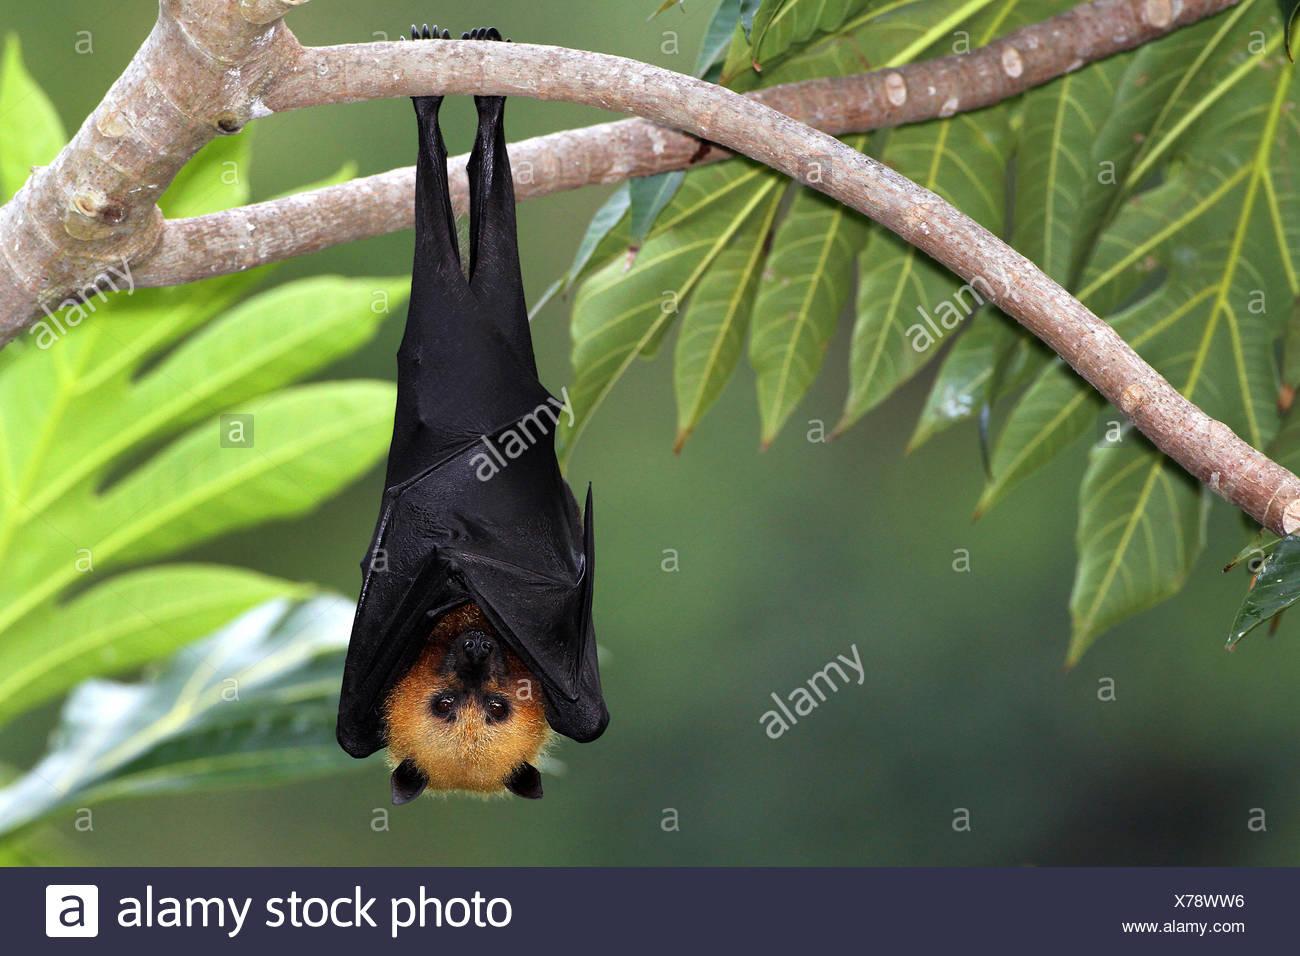 Seychellen-Flughund, Seychellenflughund (Pteropus seychellensis), haengt an einem Ast im Baum, Seychellen | seychelles flying fo - Stock Image